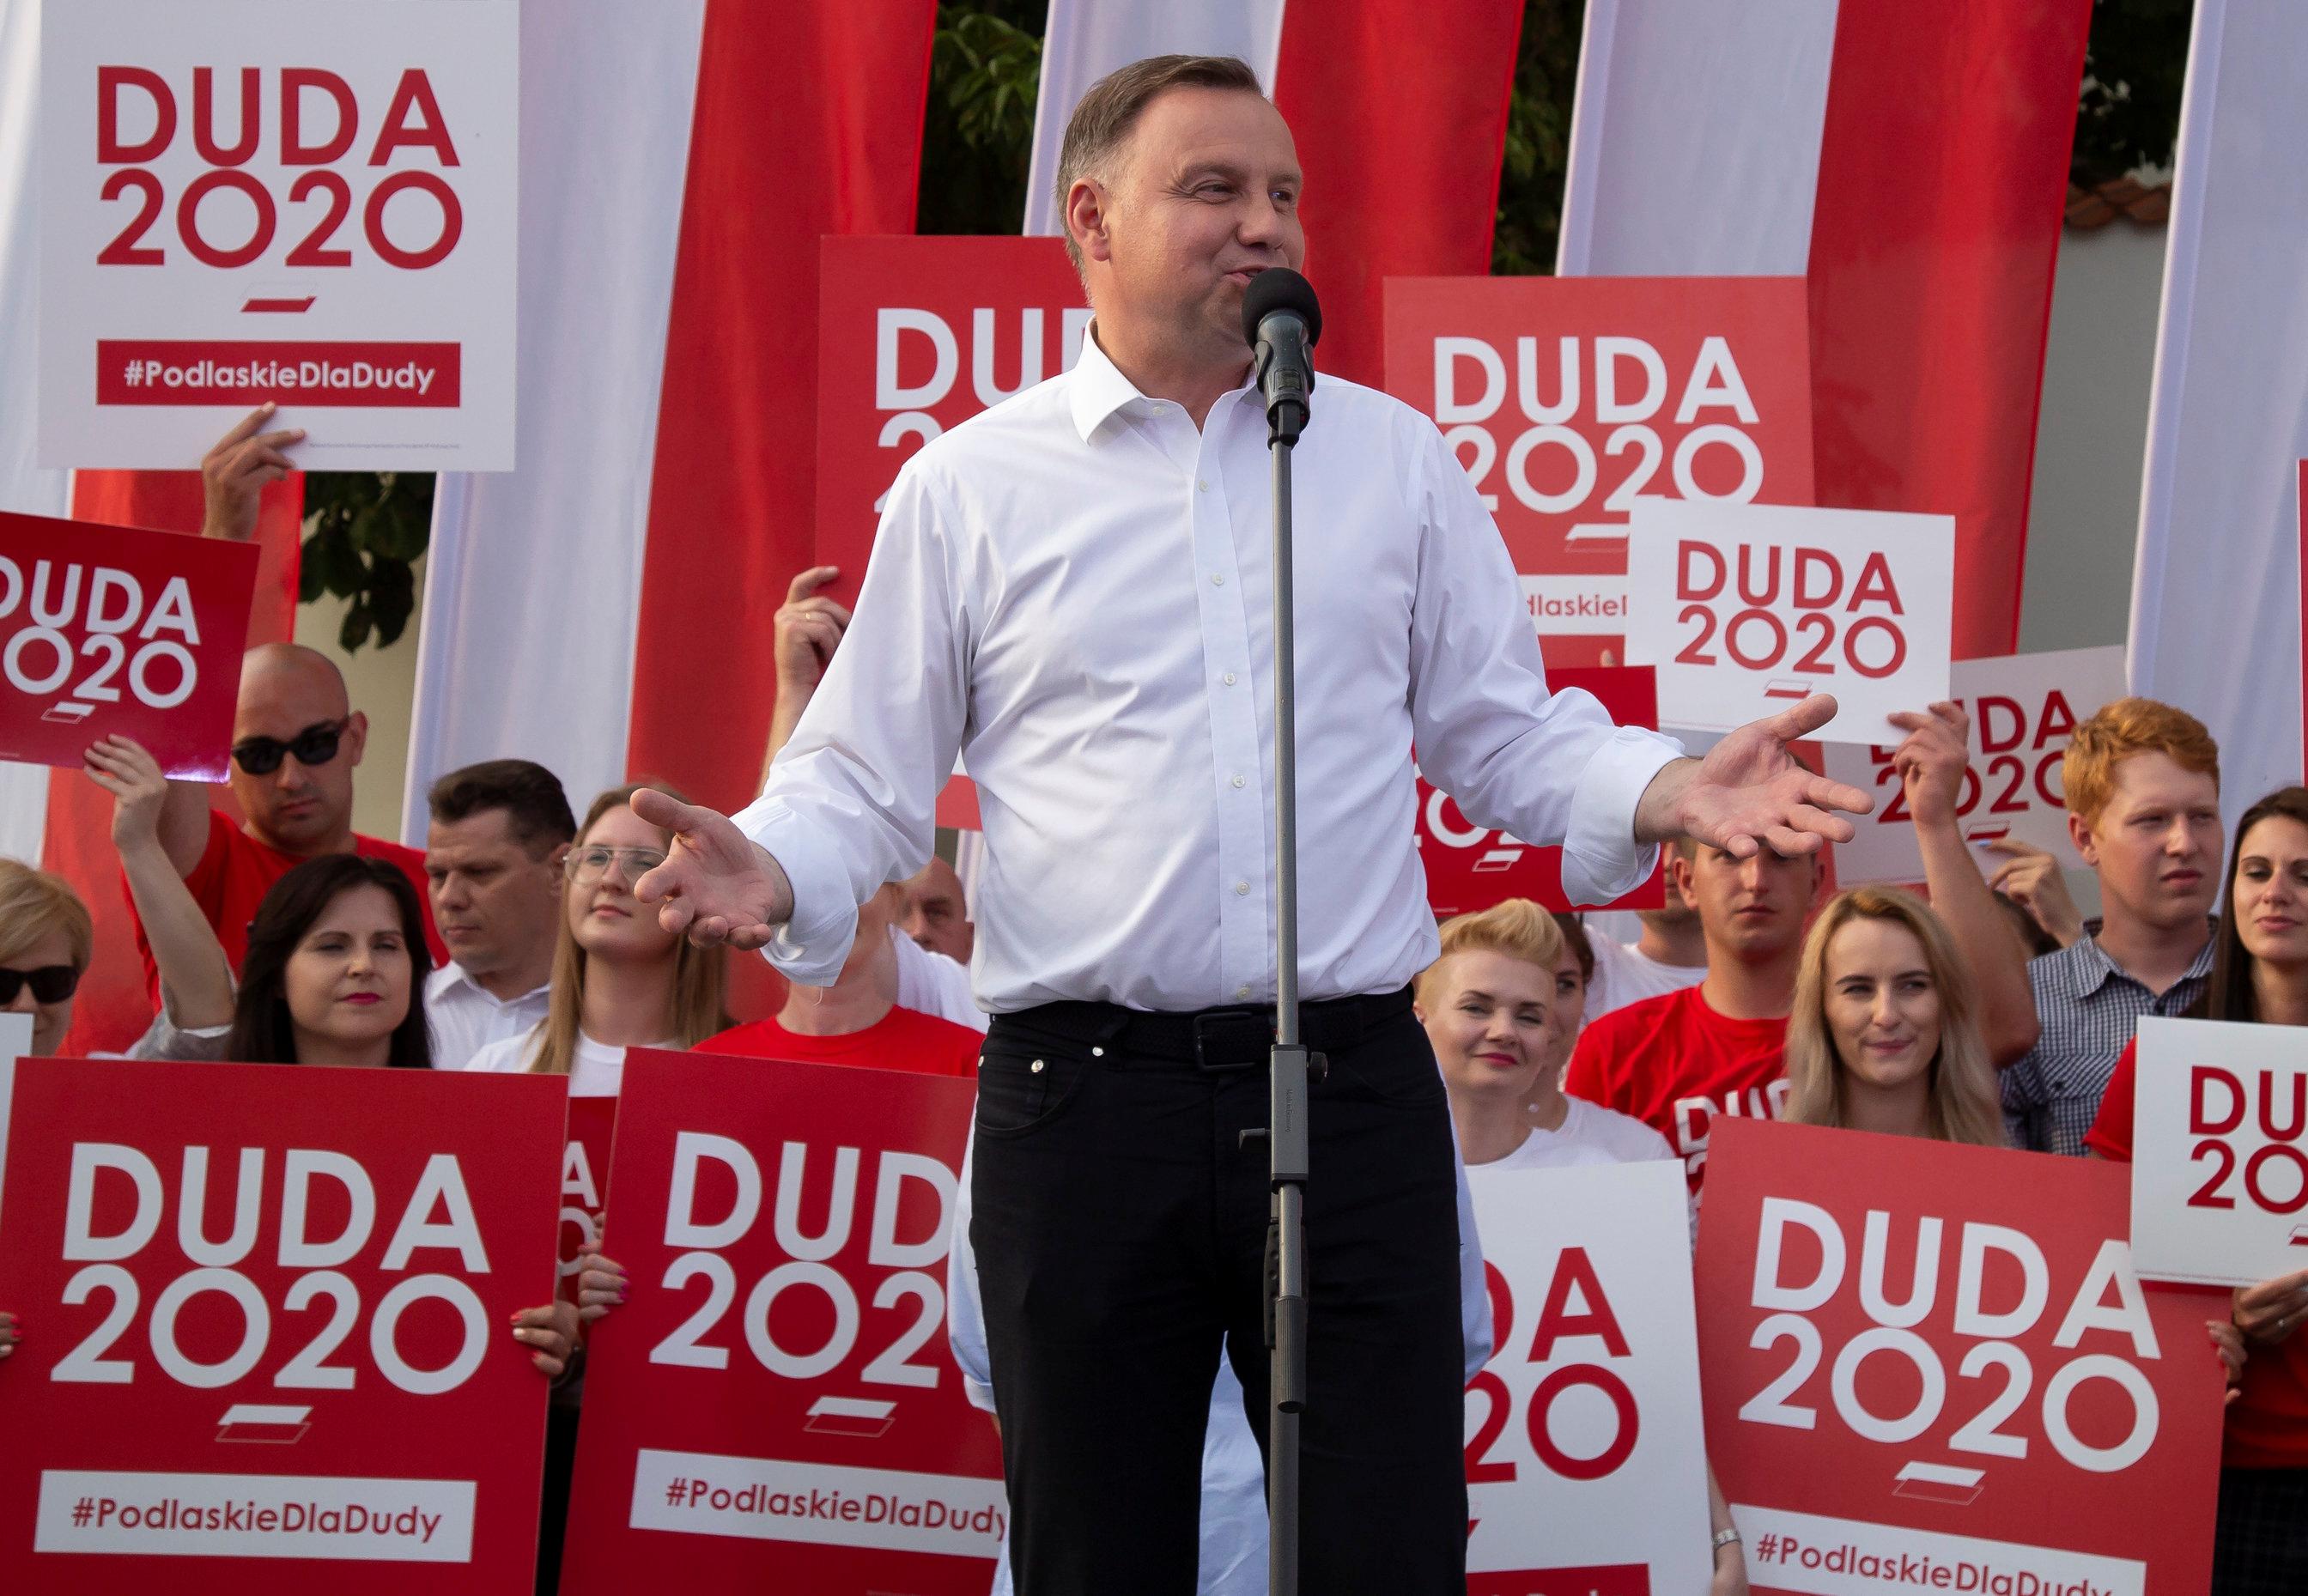 Por que Trump não deveria receber o presidente polonês Duda 1